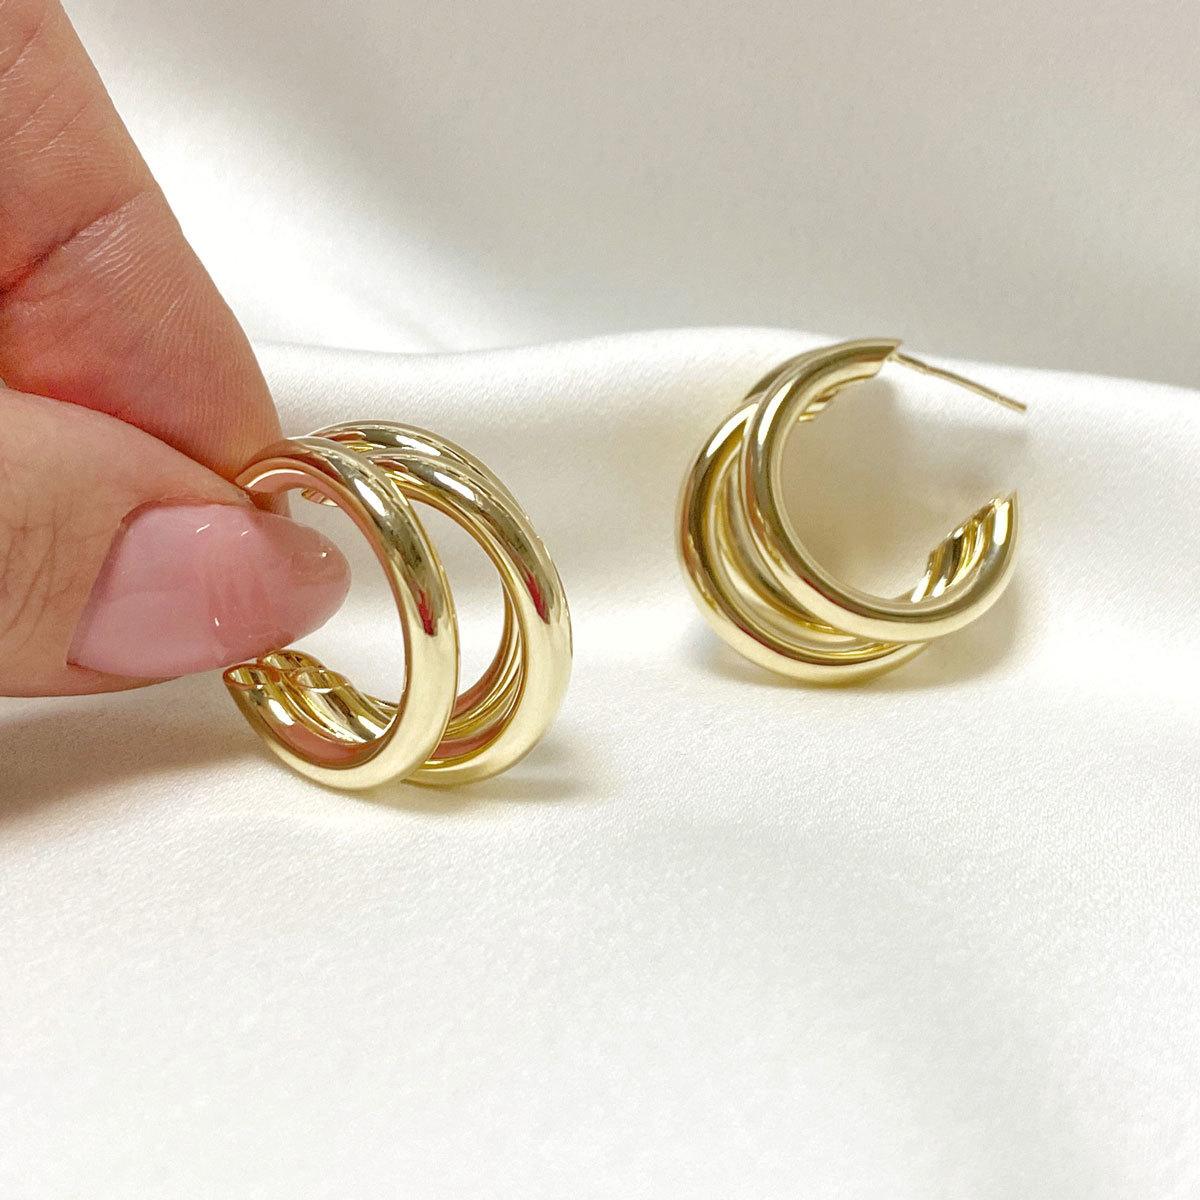 Серьги-конго тройные незамкнутые 2,5 см (золотистый) ш925